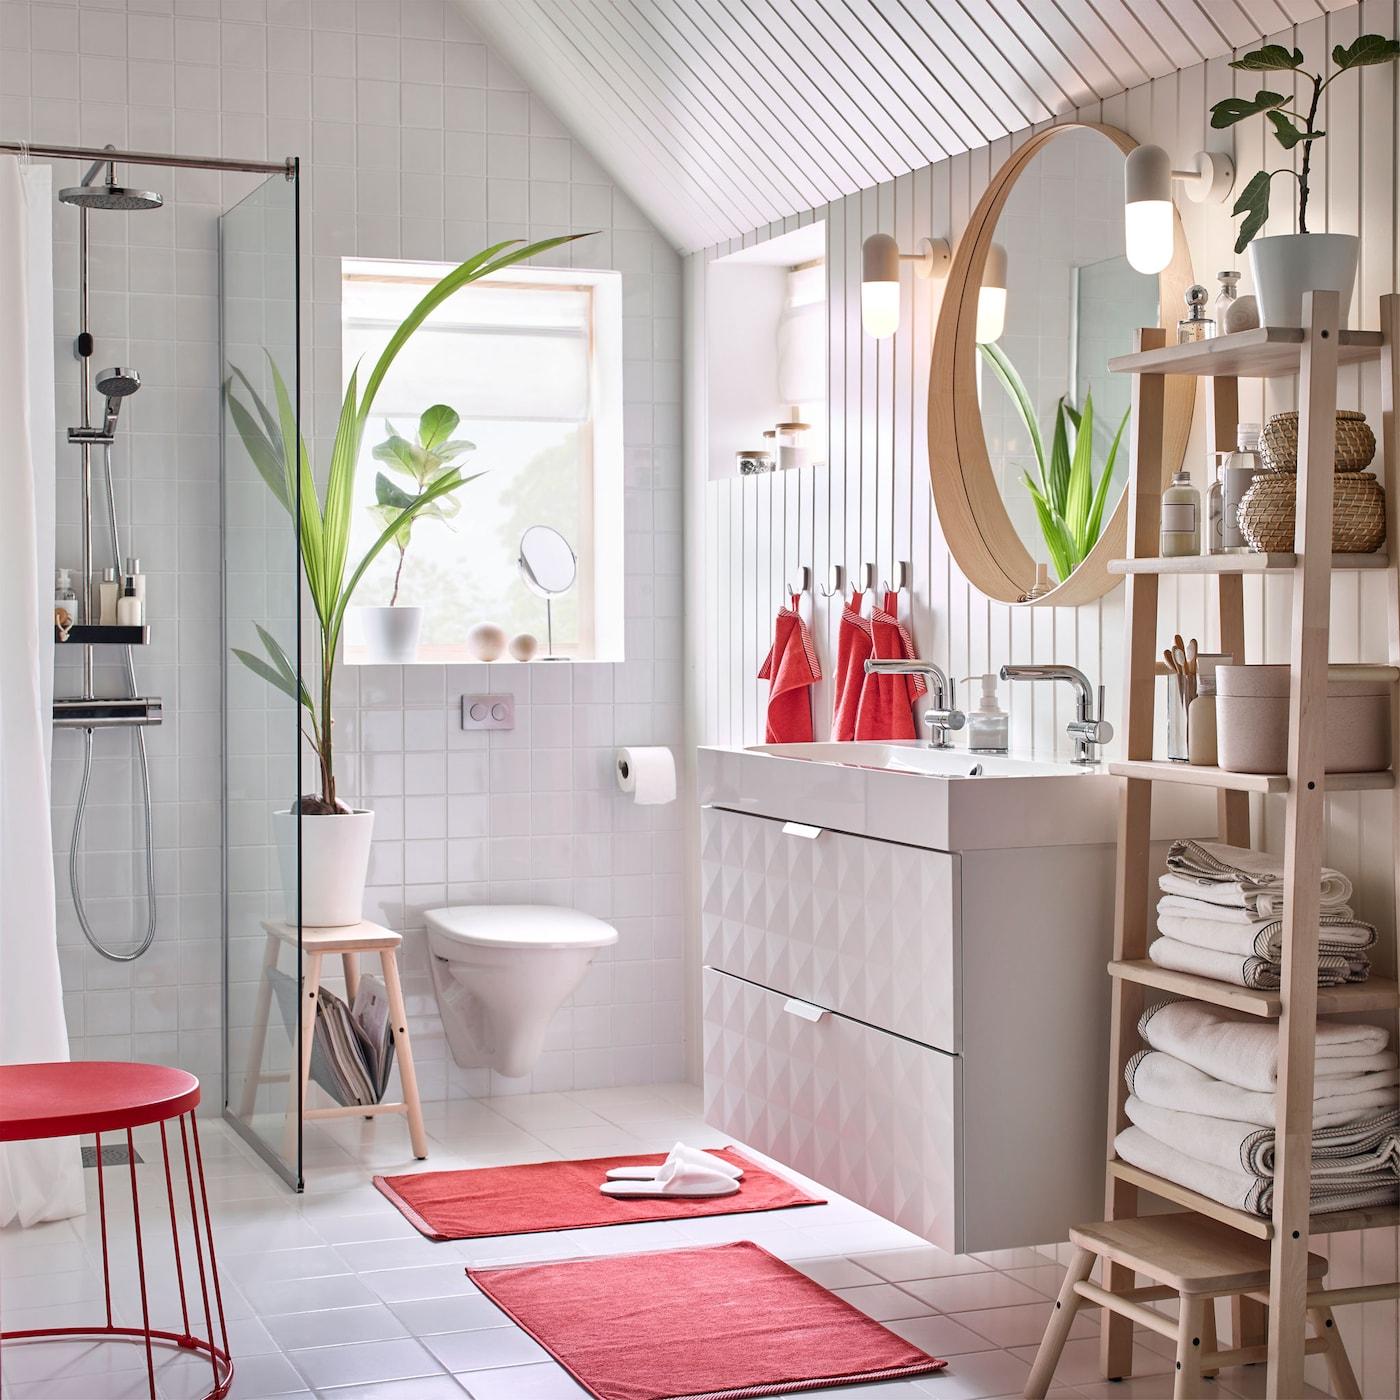 Tämä IKEA-tuotteilla sisustettu valkoinen ja punainen kylpyhuone sisältää valkoisen GODMORGON kahden altaan allaskalusteen, jonka ansiosta monta perheenjäsentä voi peseytyä yhtä aikaa.